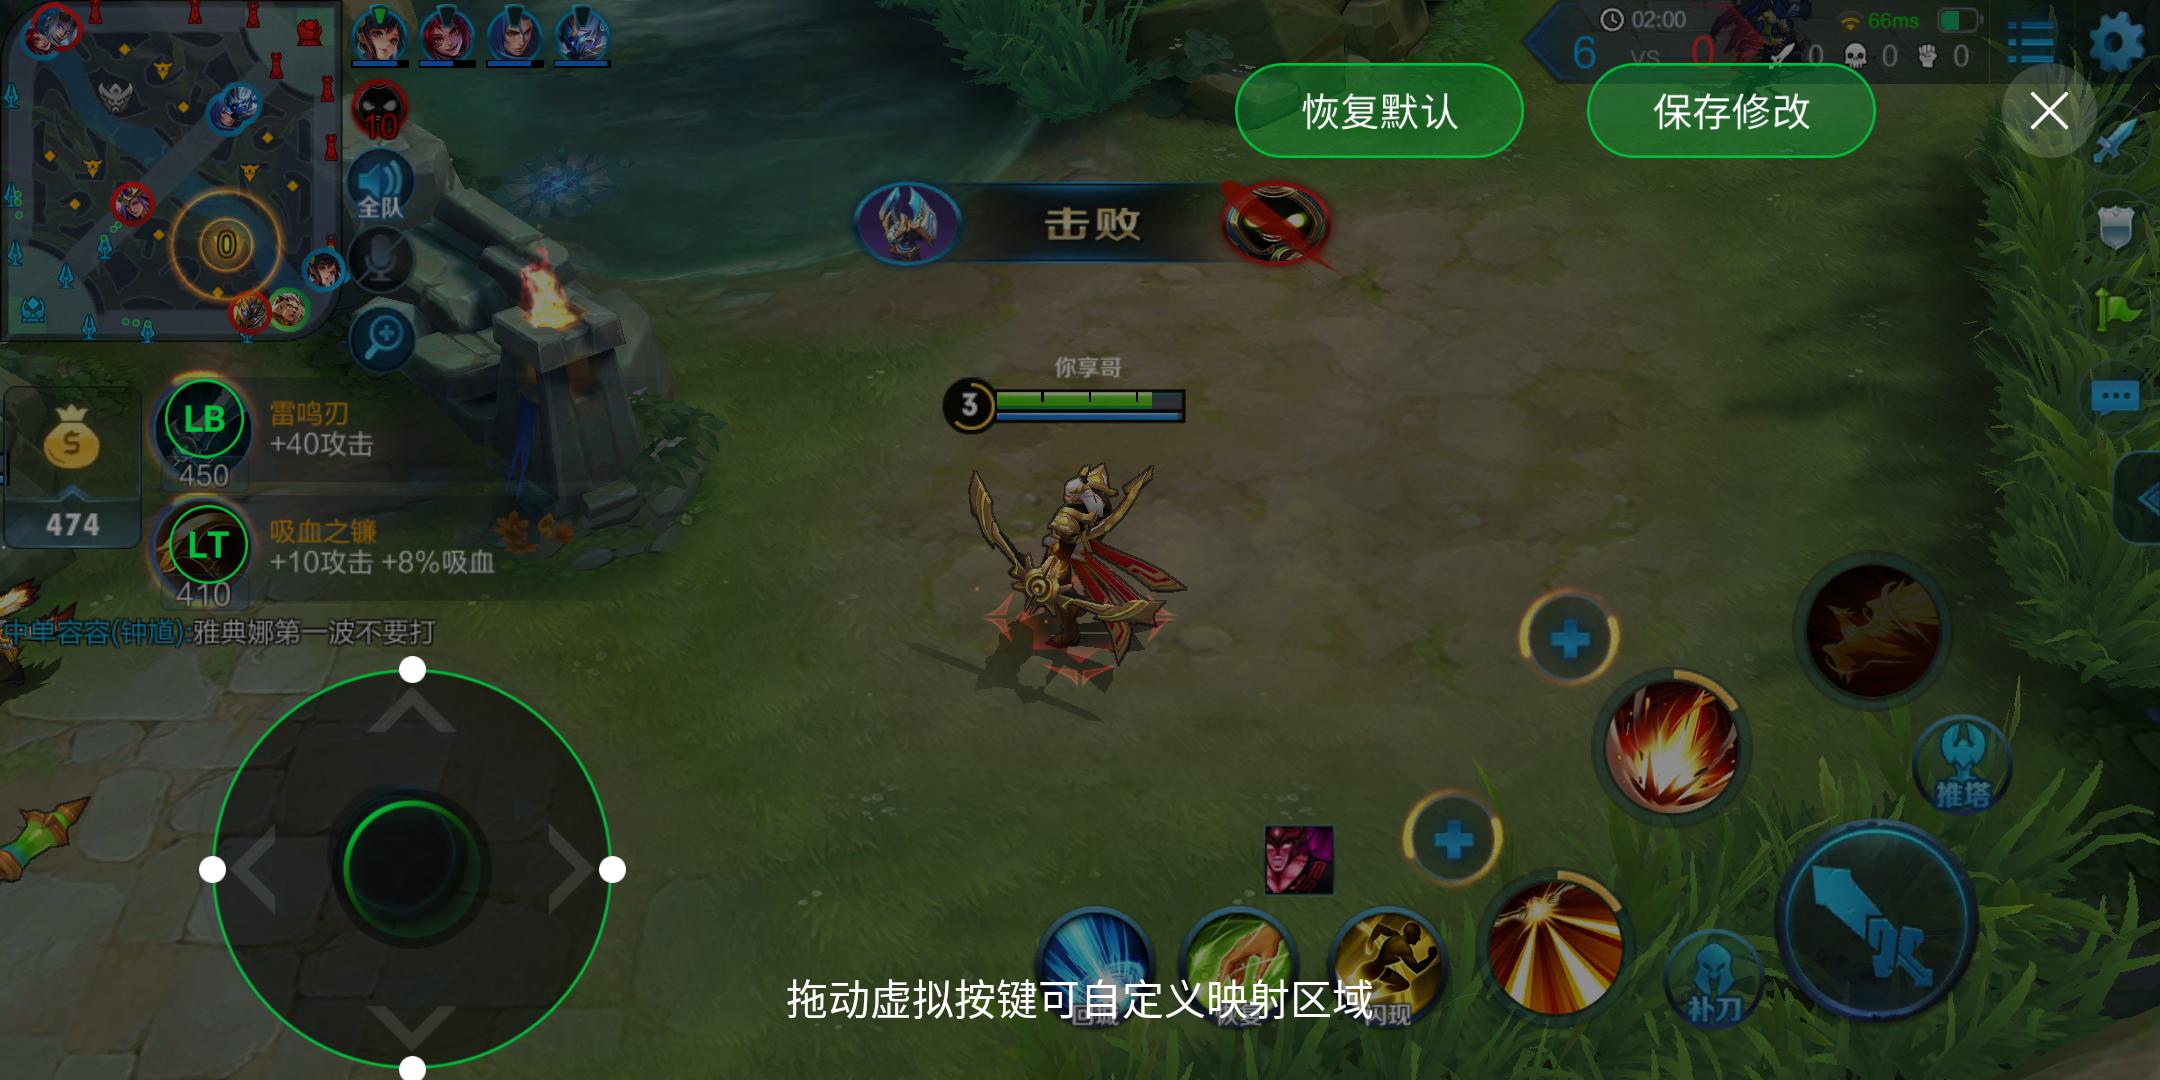 Screenshot_2018-06-05-14-39-07-078_com.tencent.tmgp.sgame.png